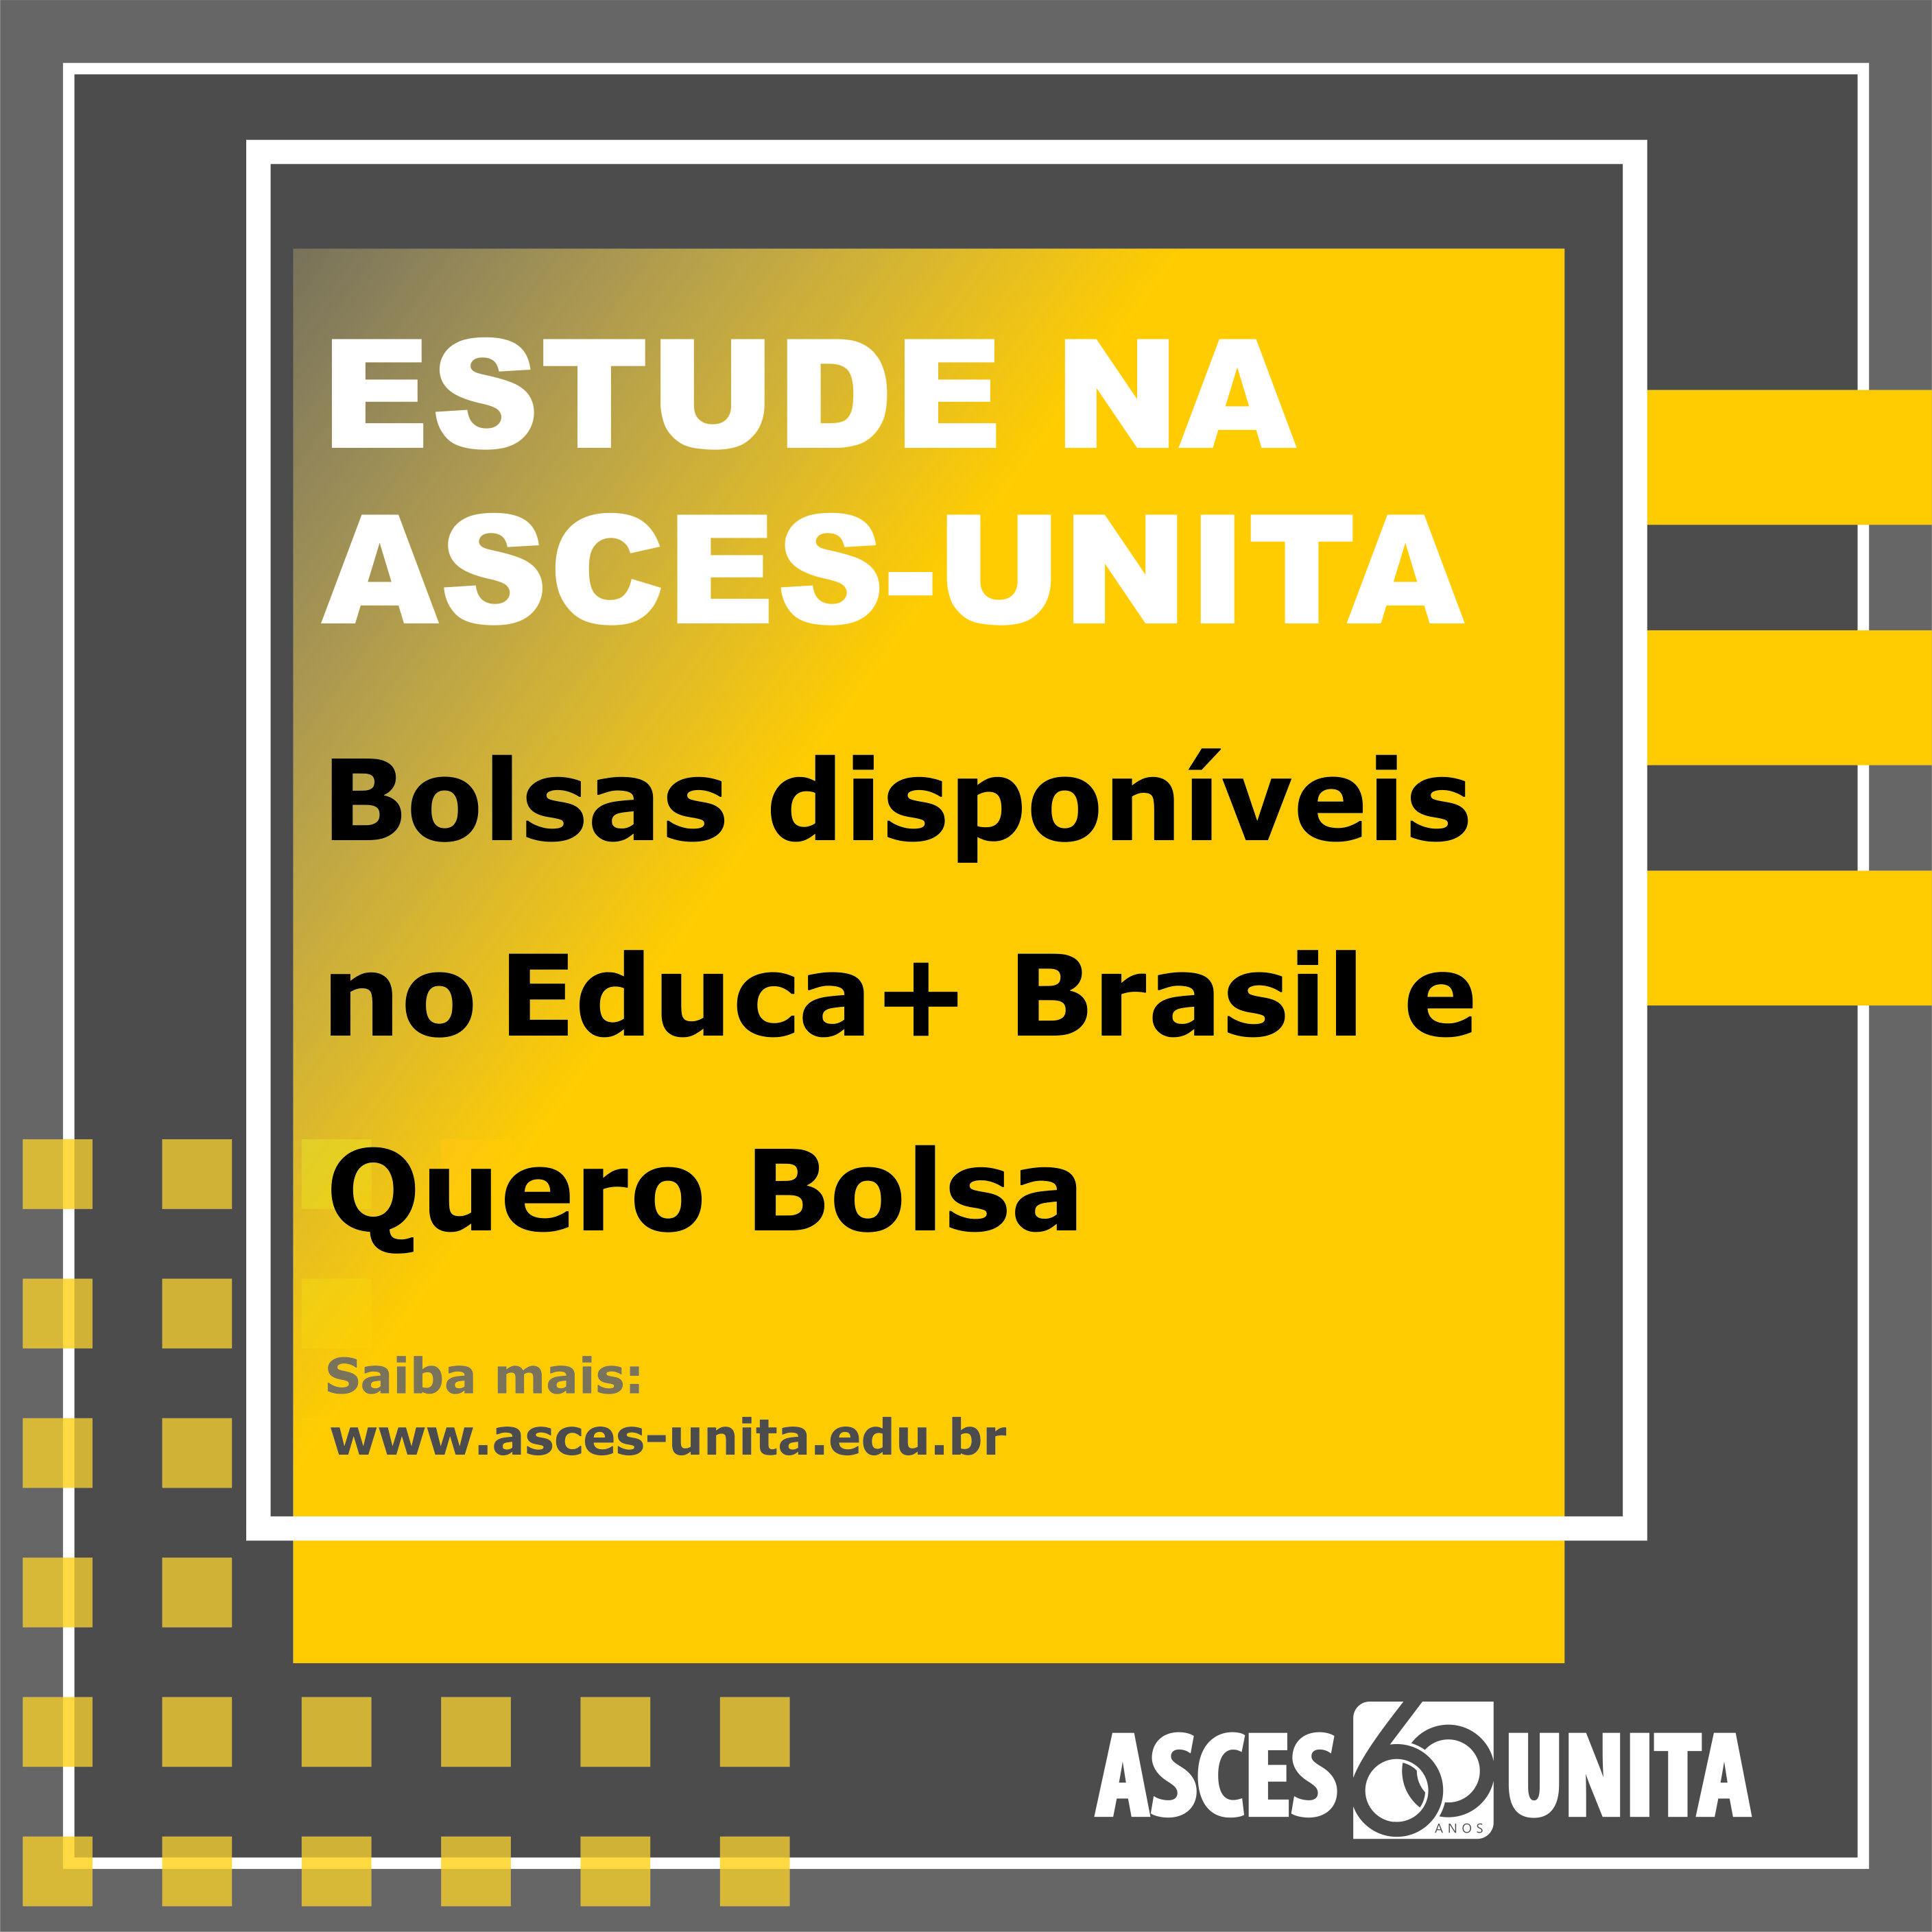 Vagas disponíveis para bolsas no Educa+ Brasil e Quero Bolsa